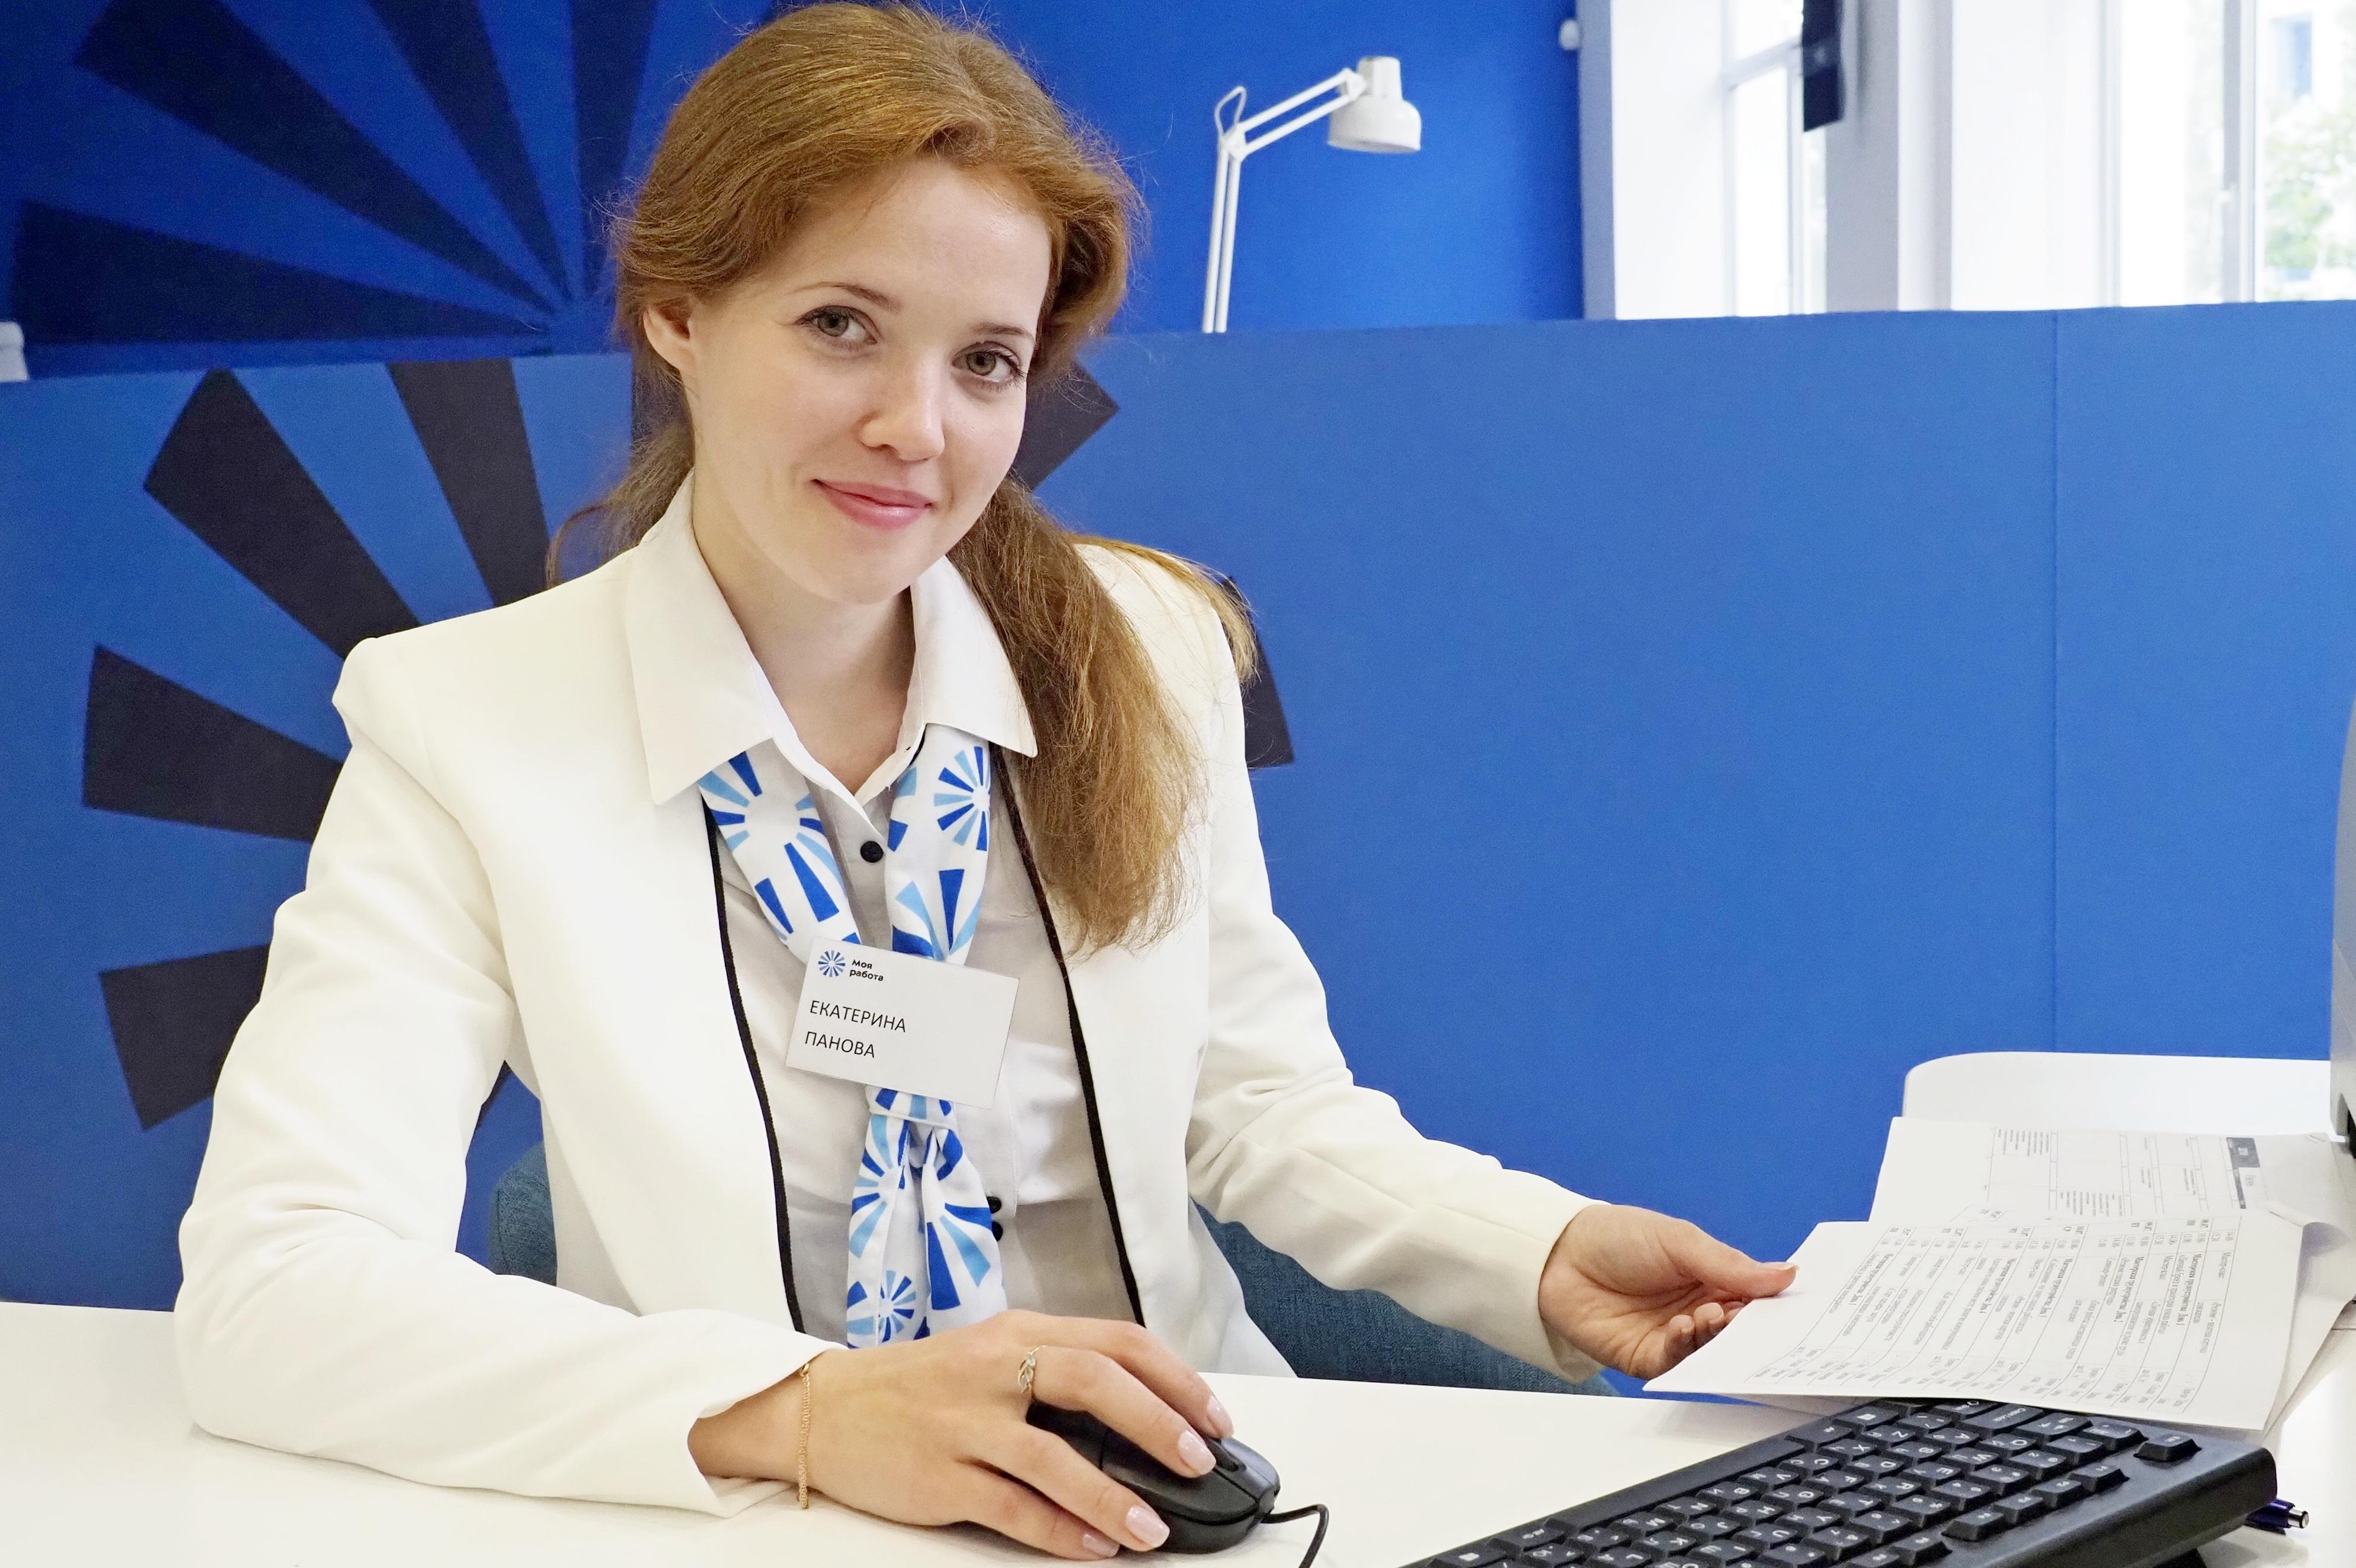 Центр «Моя карьера» запустил онлайн-курс «Сиделки. Перезагрузка»